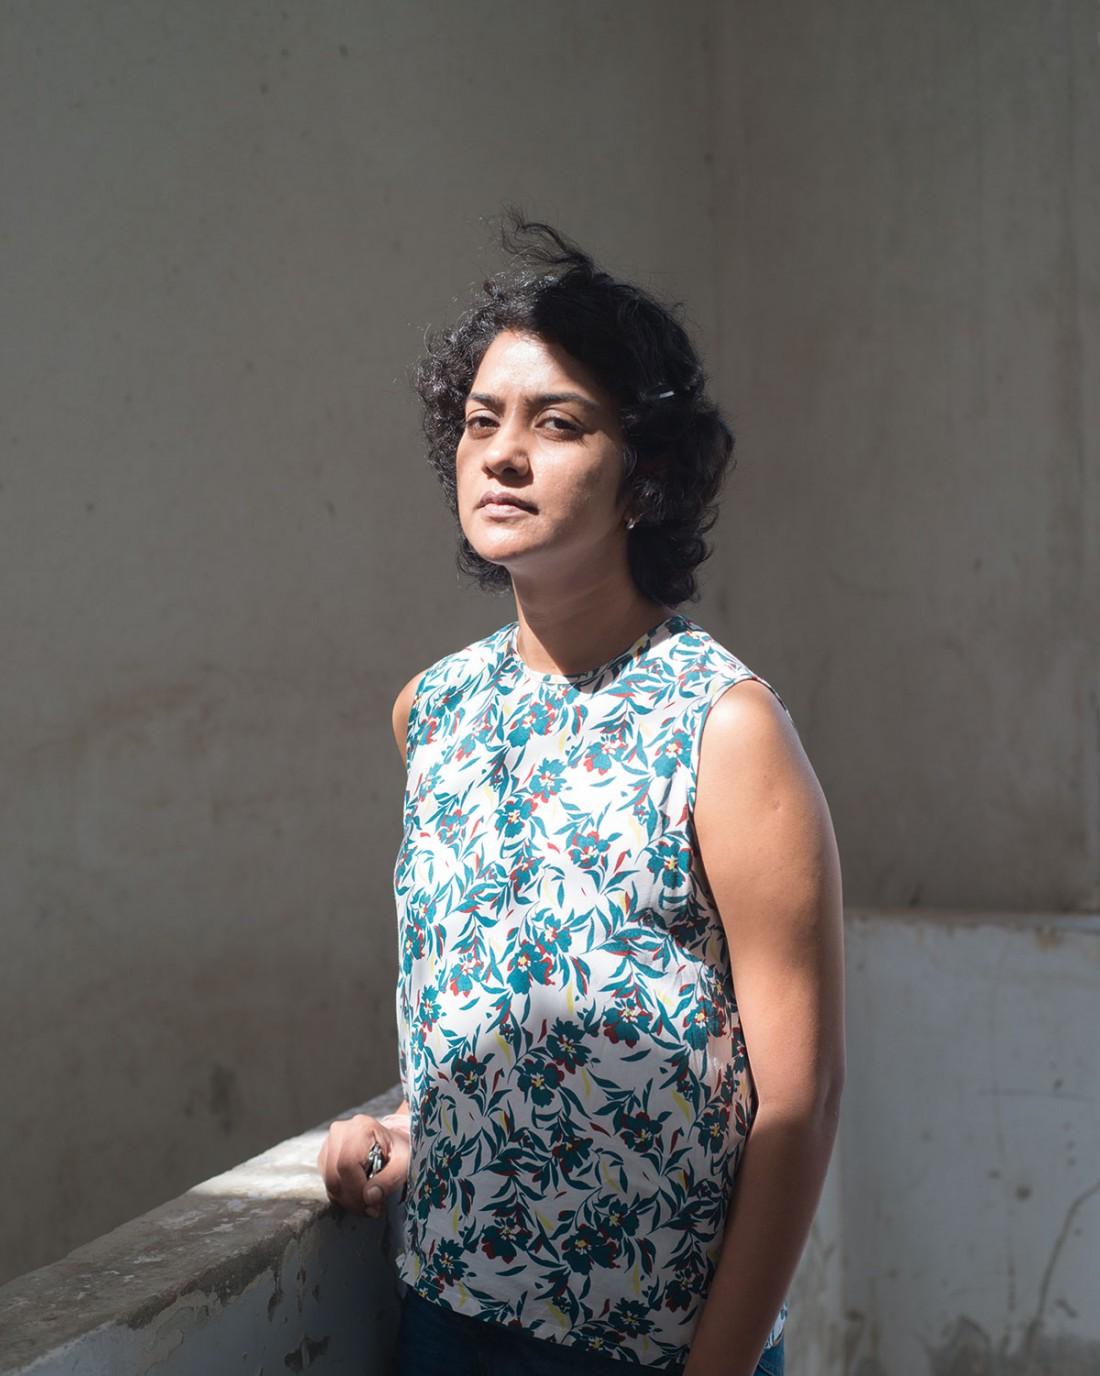 Porträt der Künstlerin Seema Nusrat, sie setzt sich in ihrer Arbeit mit der Evolution der Architektur Karachis auseinander. Seit einigen Jahren gehören Barrikaden zum Straßenbild der Stadt, eine Panzersperre wird zum gängigen Baukörper in der Architektur der Stadt. Karachi, Pakistan 2016  (Photo: Pablo Lauf)